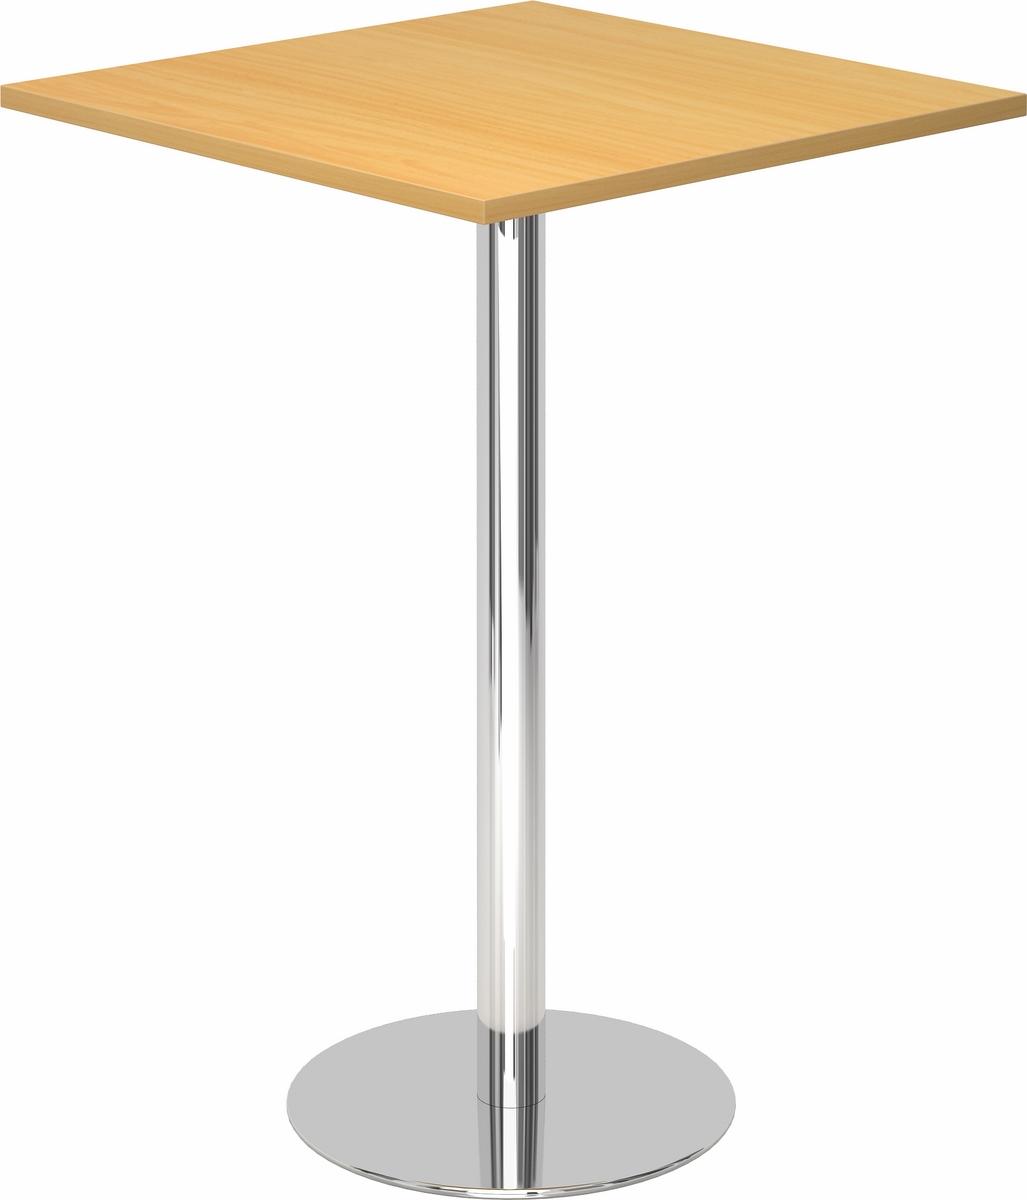 stehtisch bistrotisch bartisch biertisch kantinentisch bistro tisch eckig b m ebay. Black Bedroom Furniture Sets. Home Design Ideas